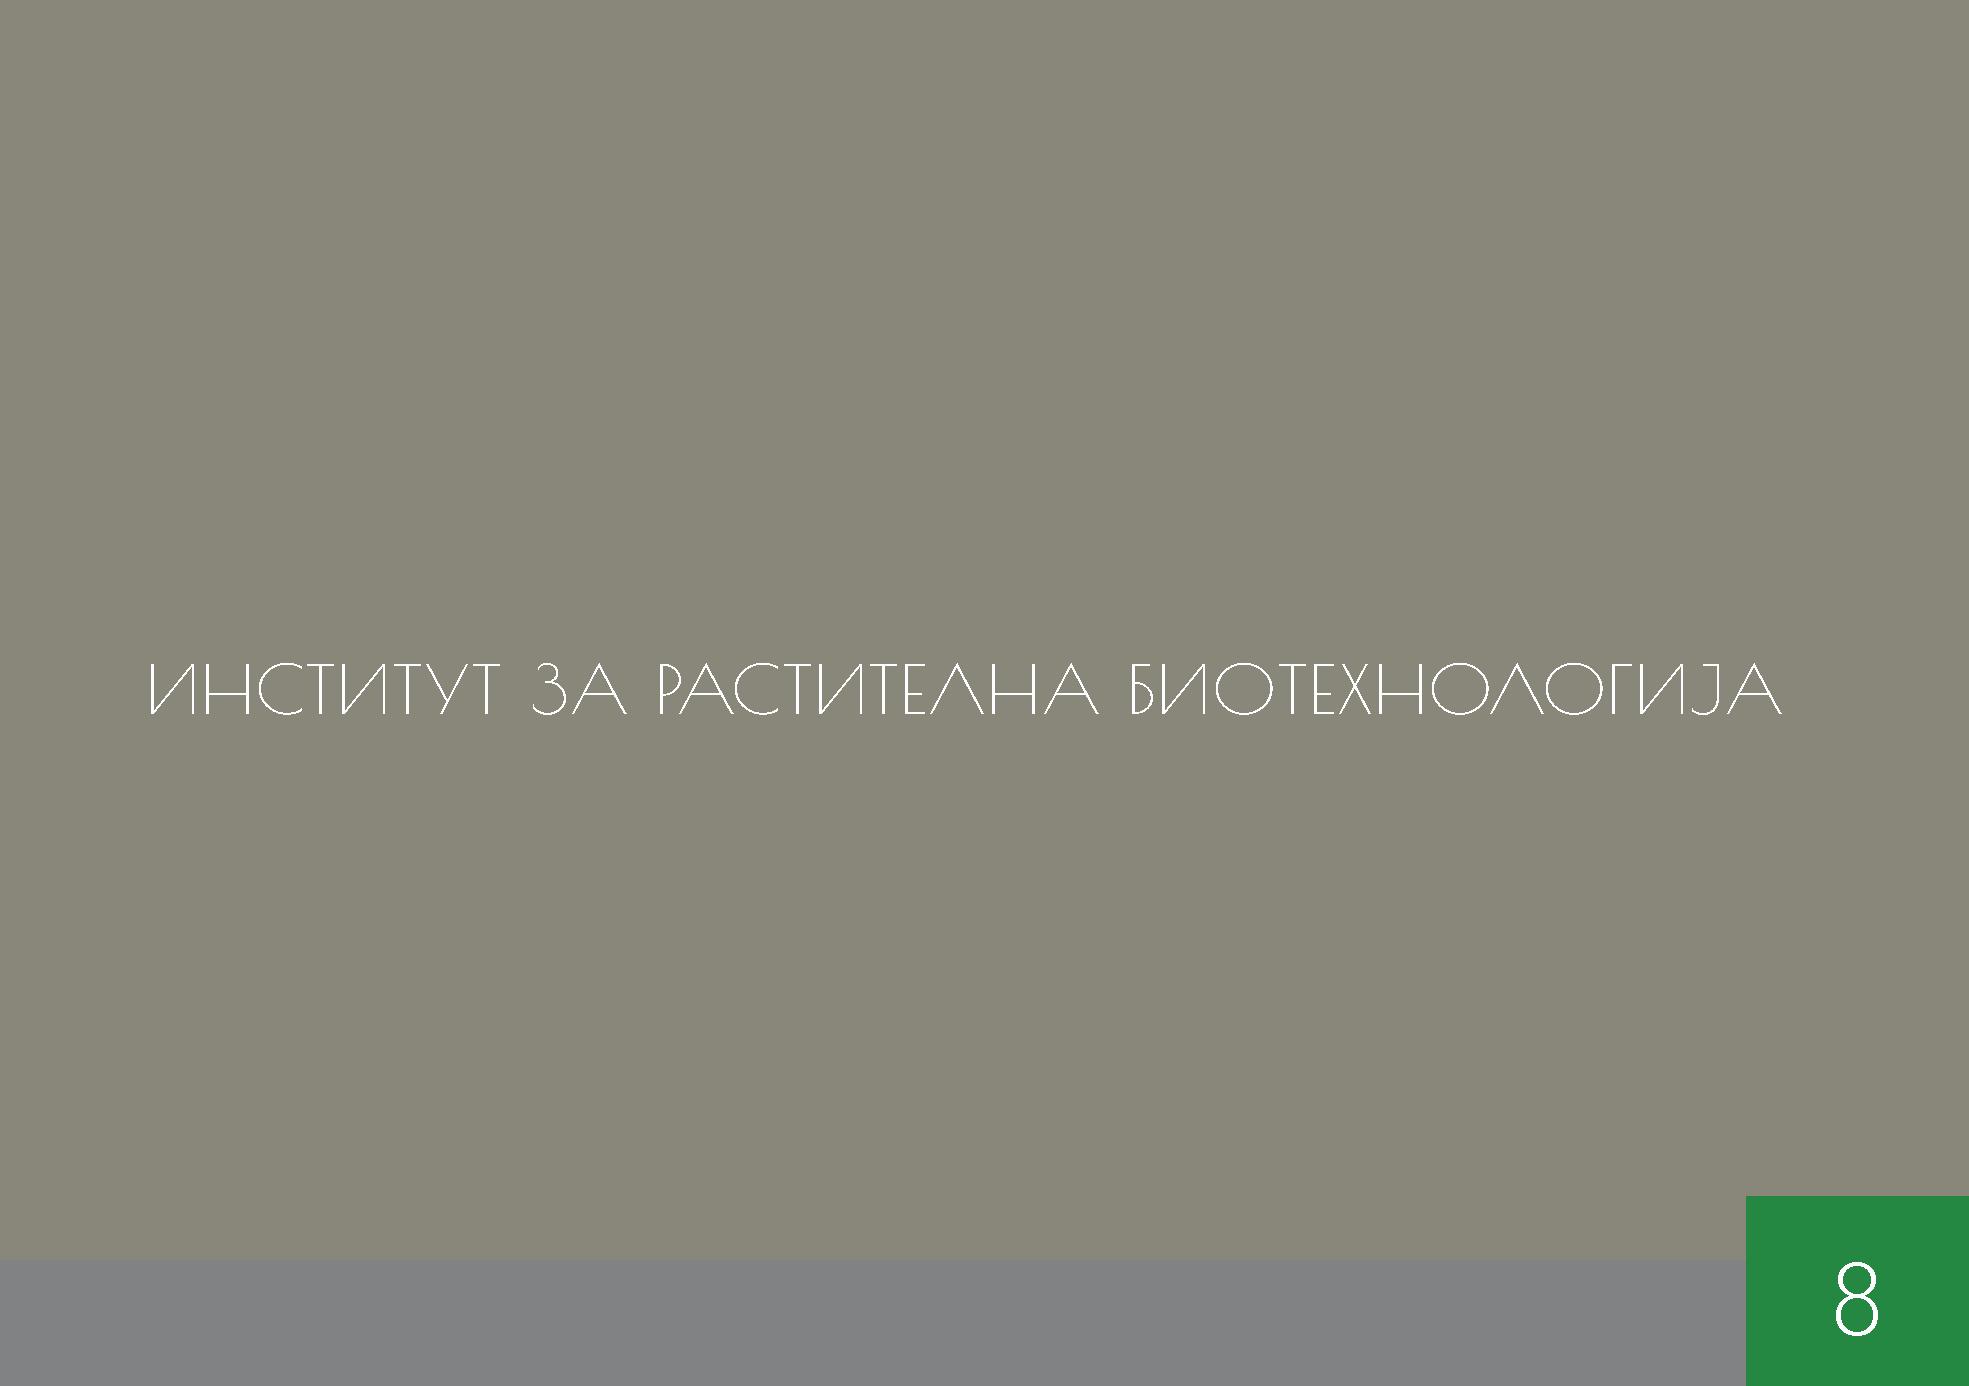 rastitelna_biotehnologija.png